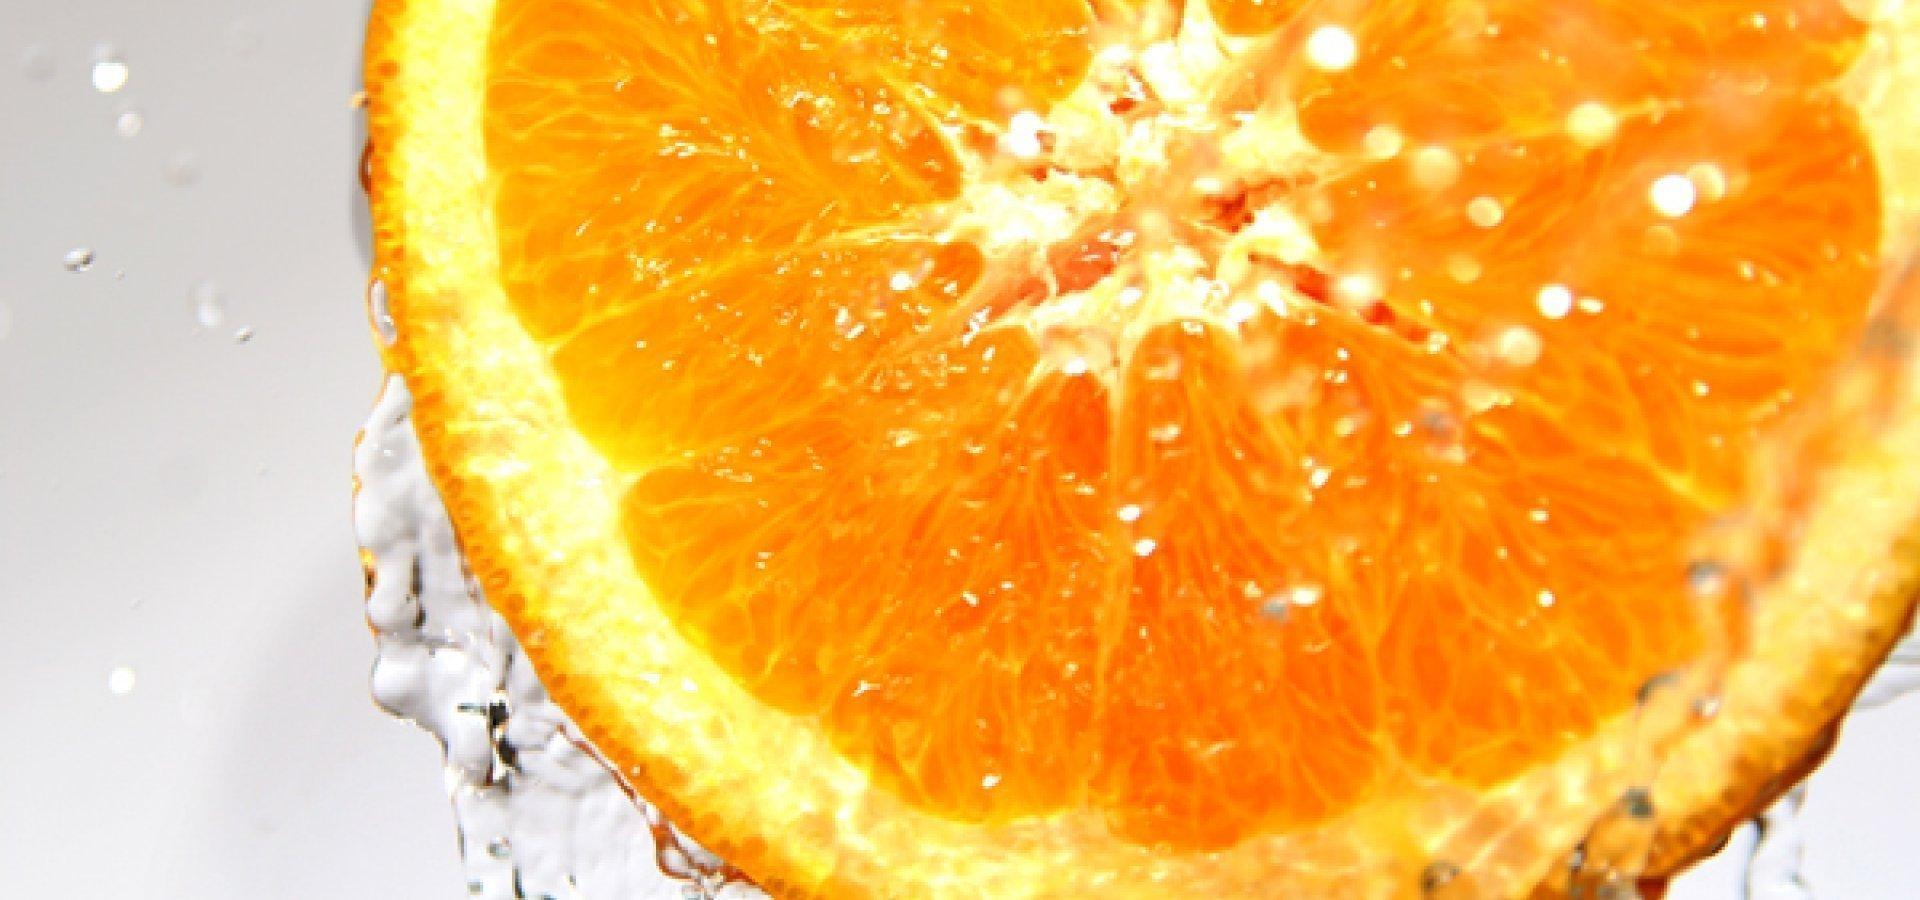 Dwie połówki pomarańczy